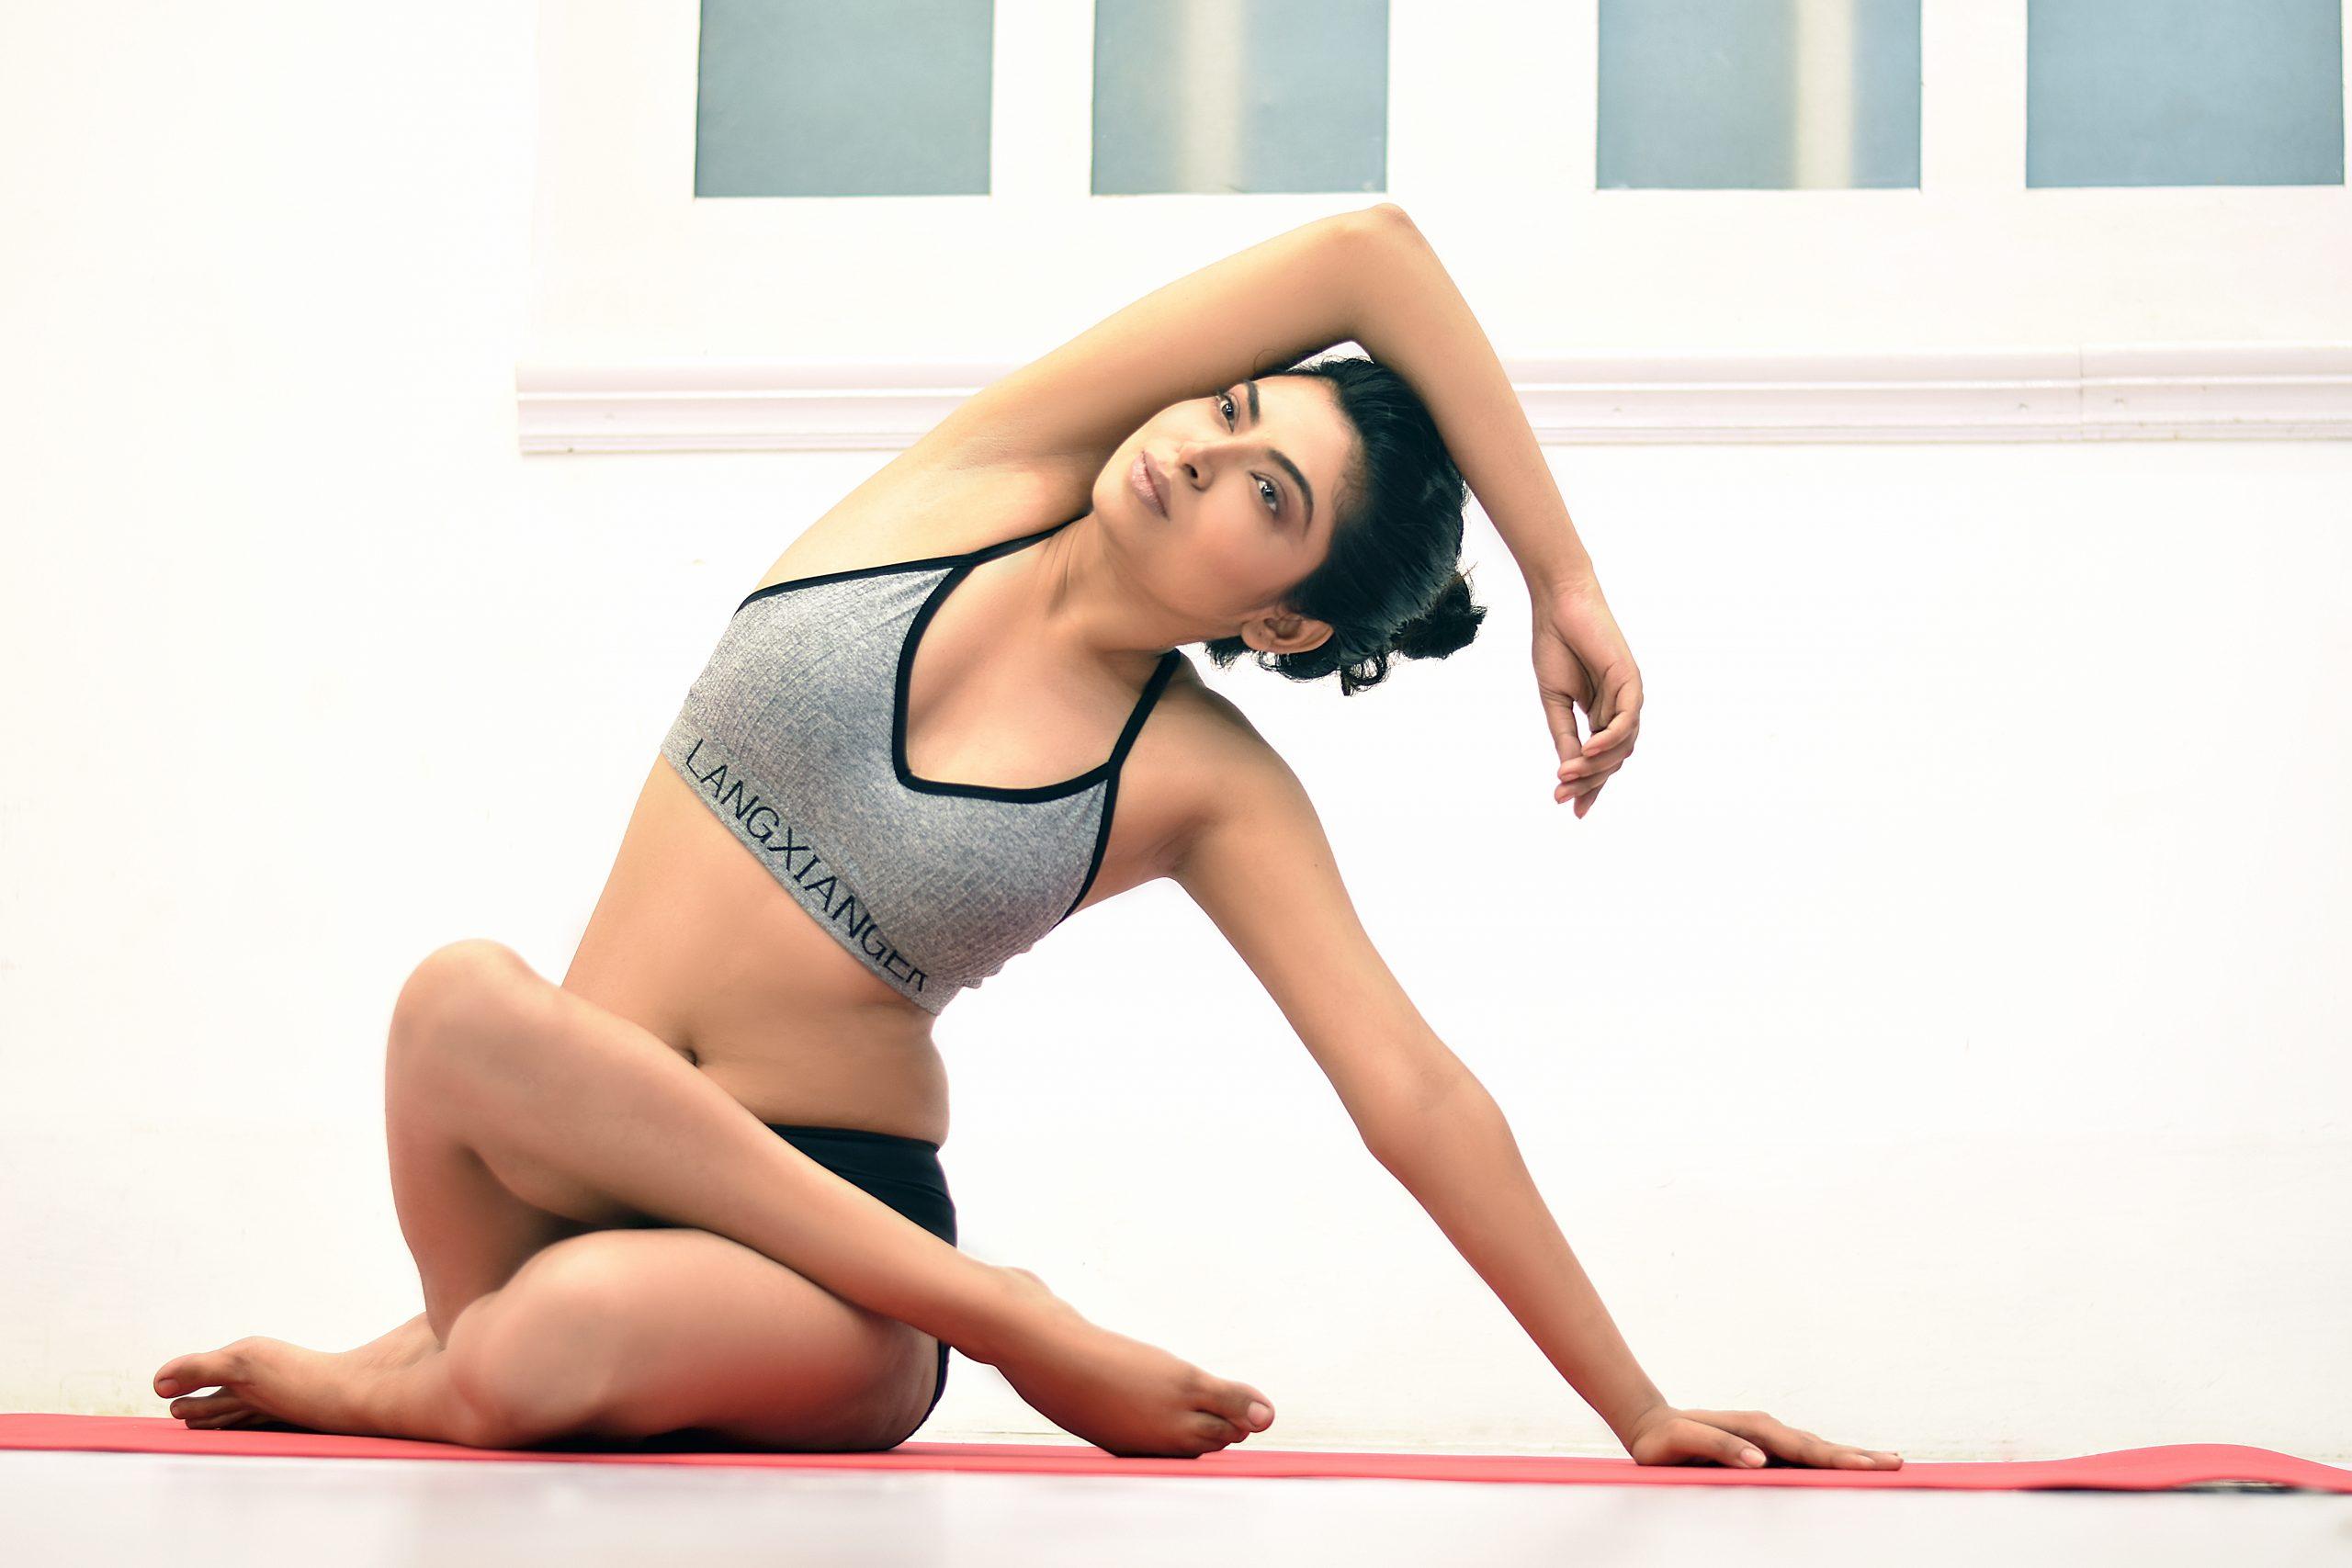 A Yoga girl